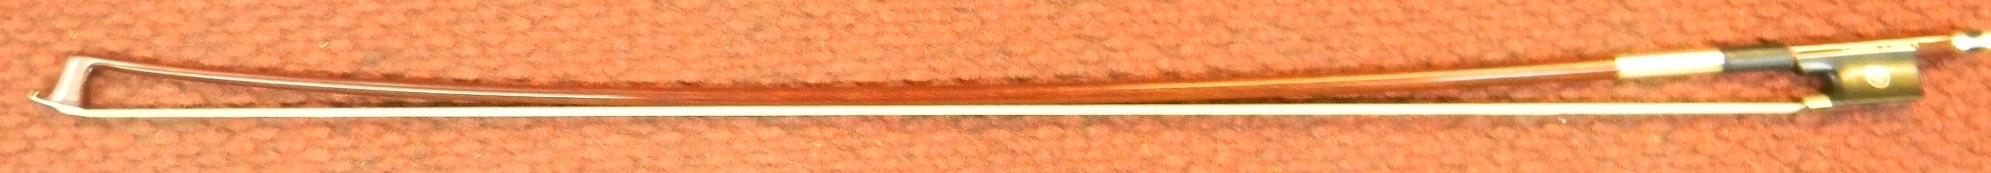 CARBON BRUCK MBQ850 Arco ARCHETTO  per  Violino 4/4 in fibra di carbonio MBQ-850